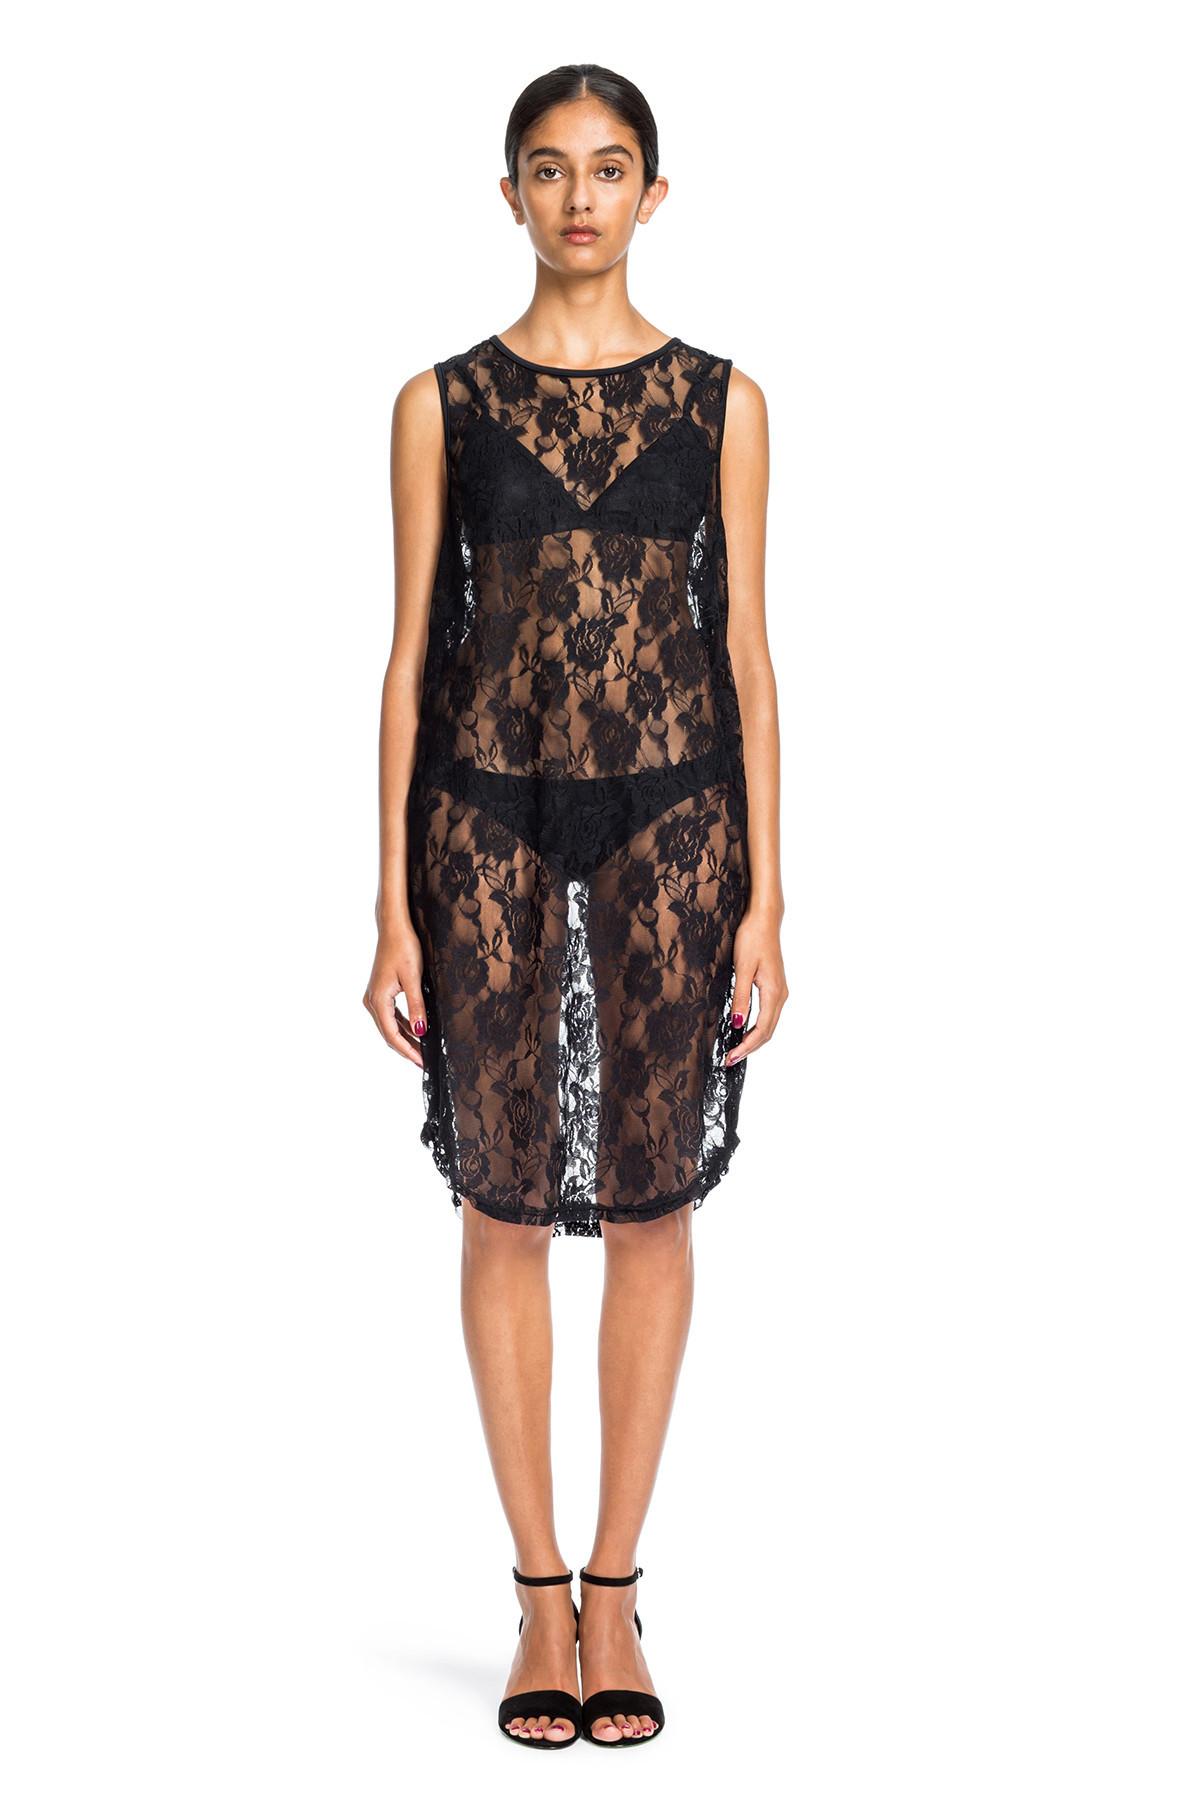 Beth Richards Lace Pilar Dress - Black Lace LACE MAXI COVER UP ...